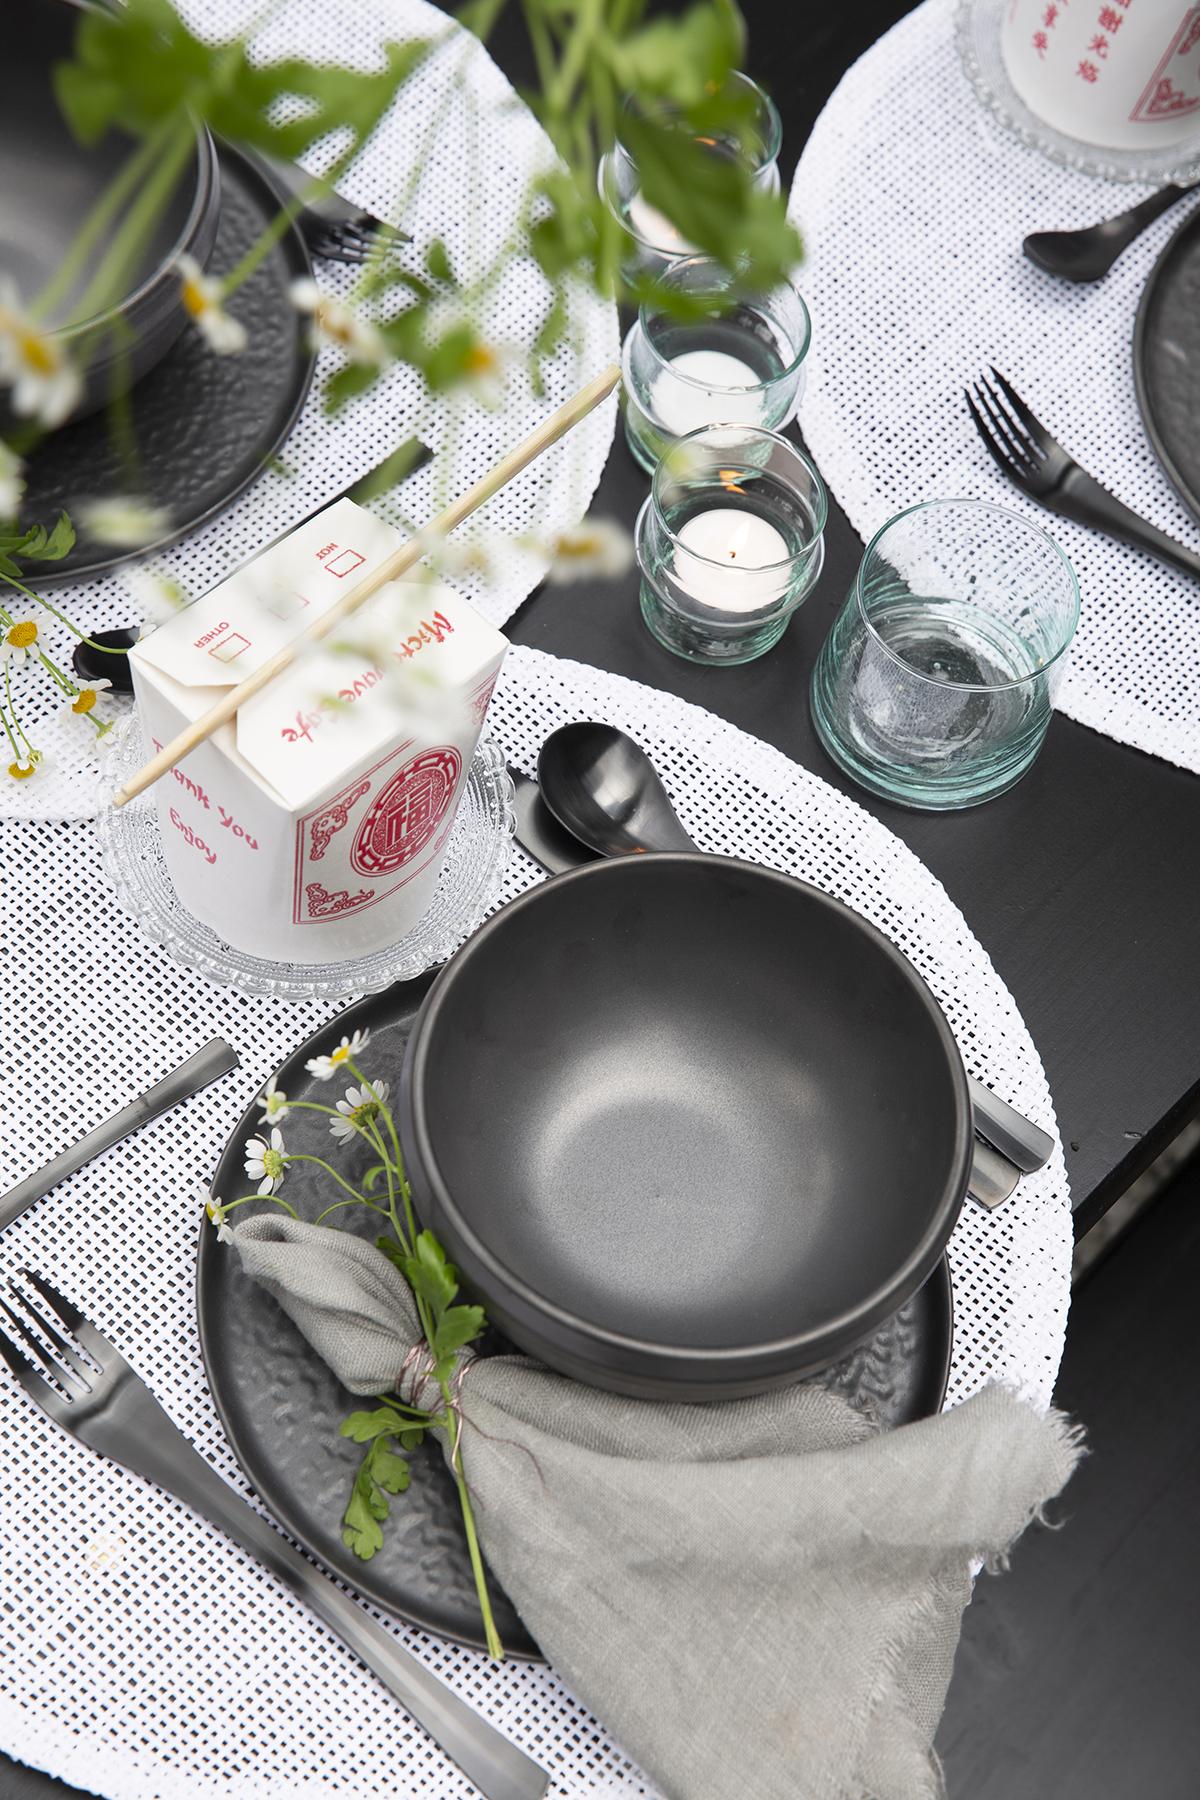 gestylde tafel met donker servies en bestek om buiten te eten